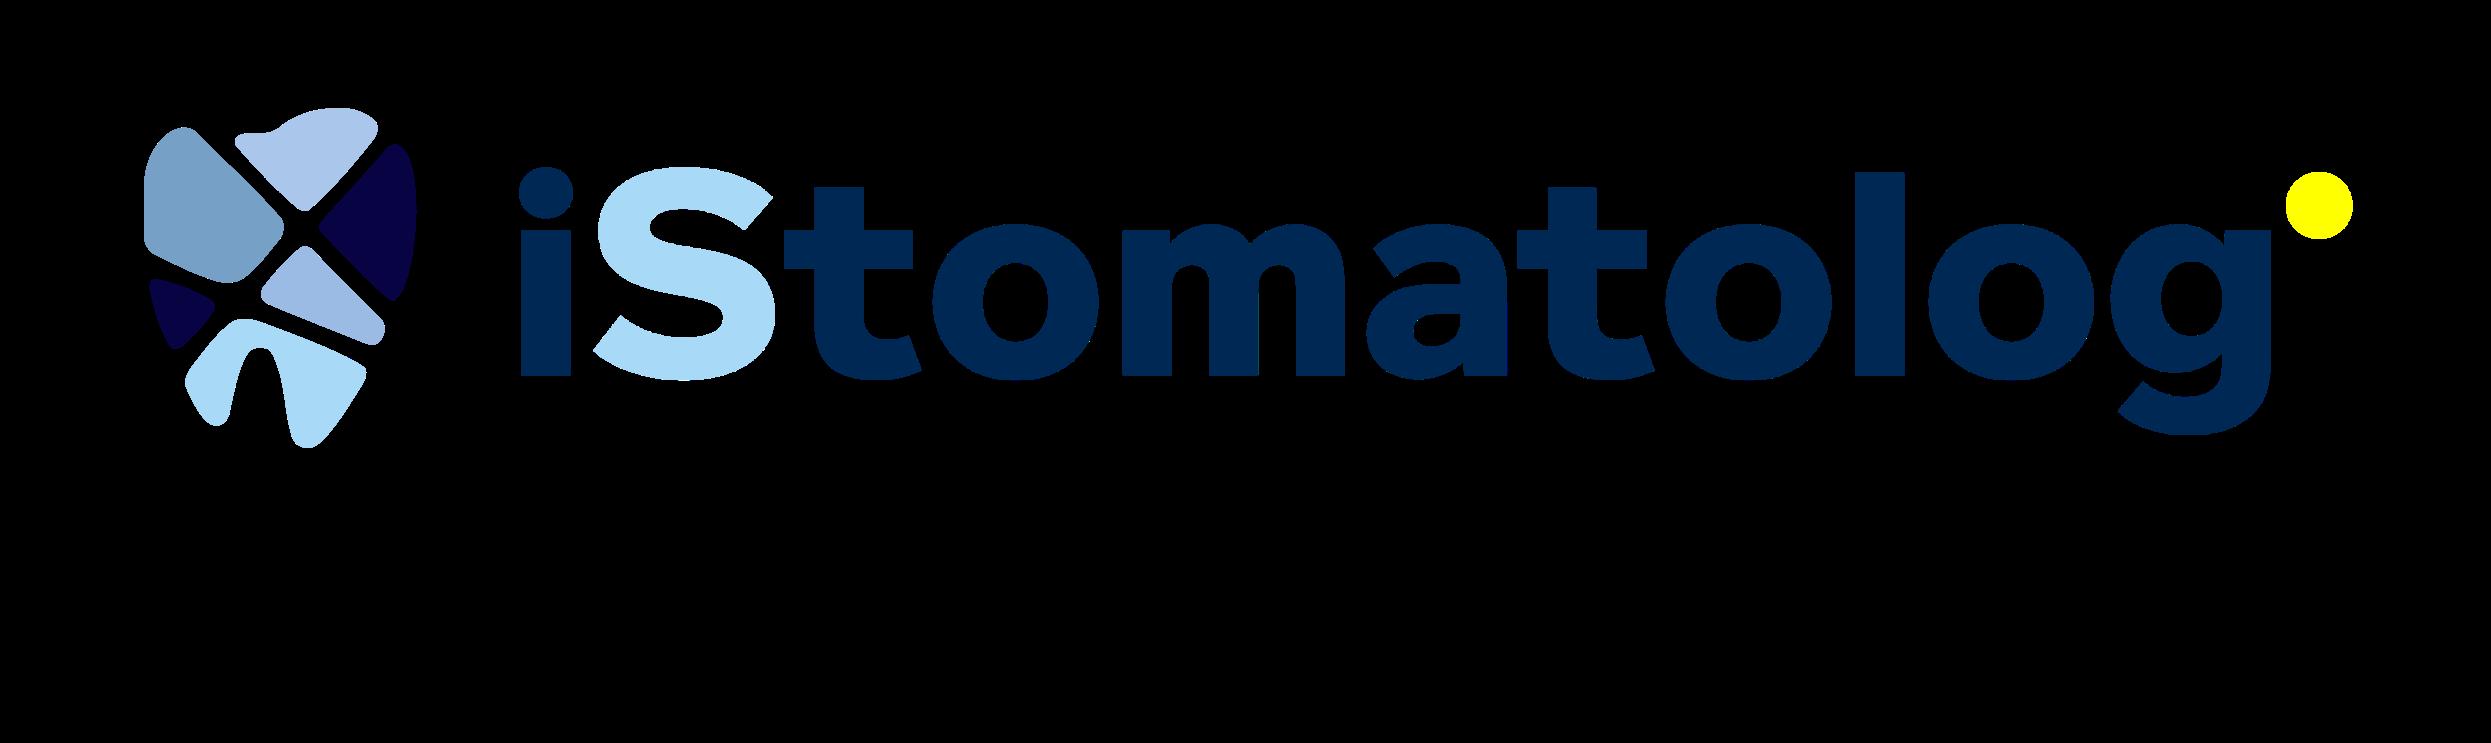 iStomatolog